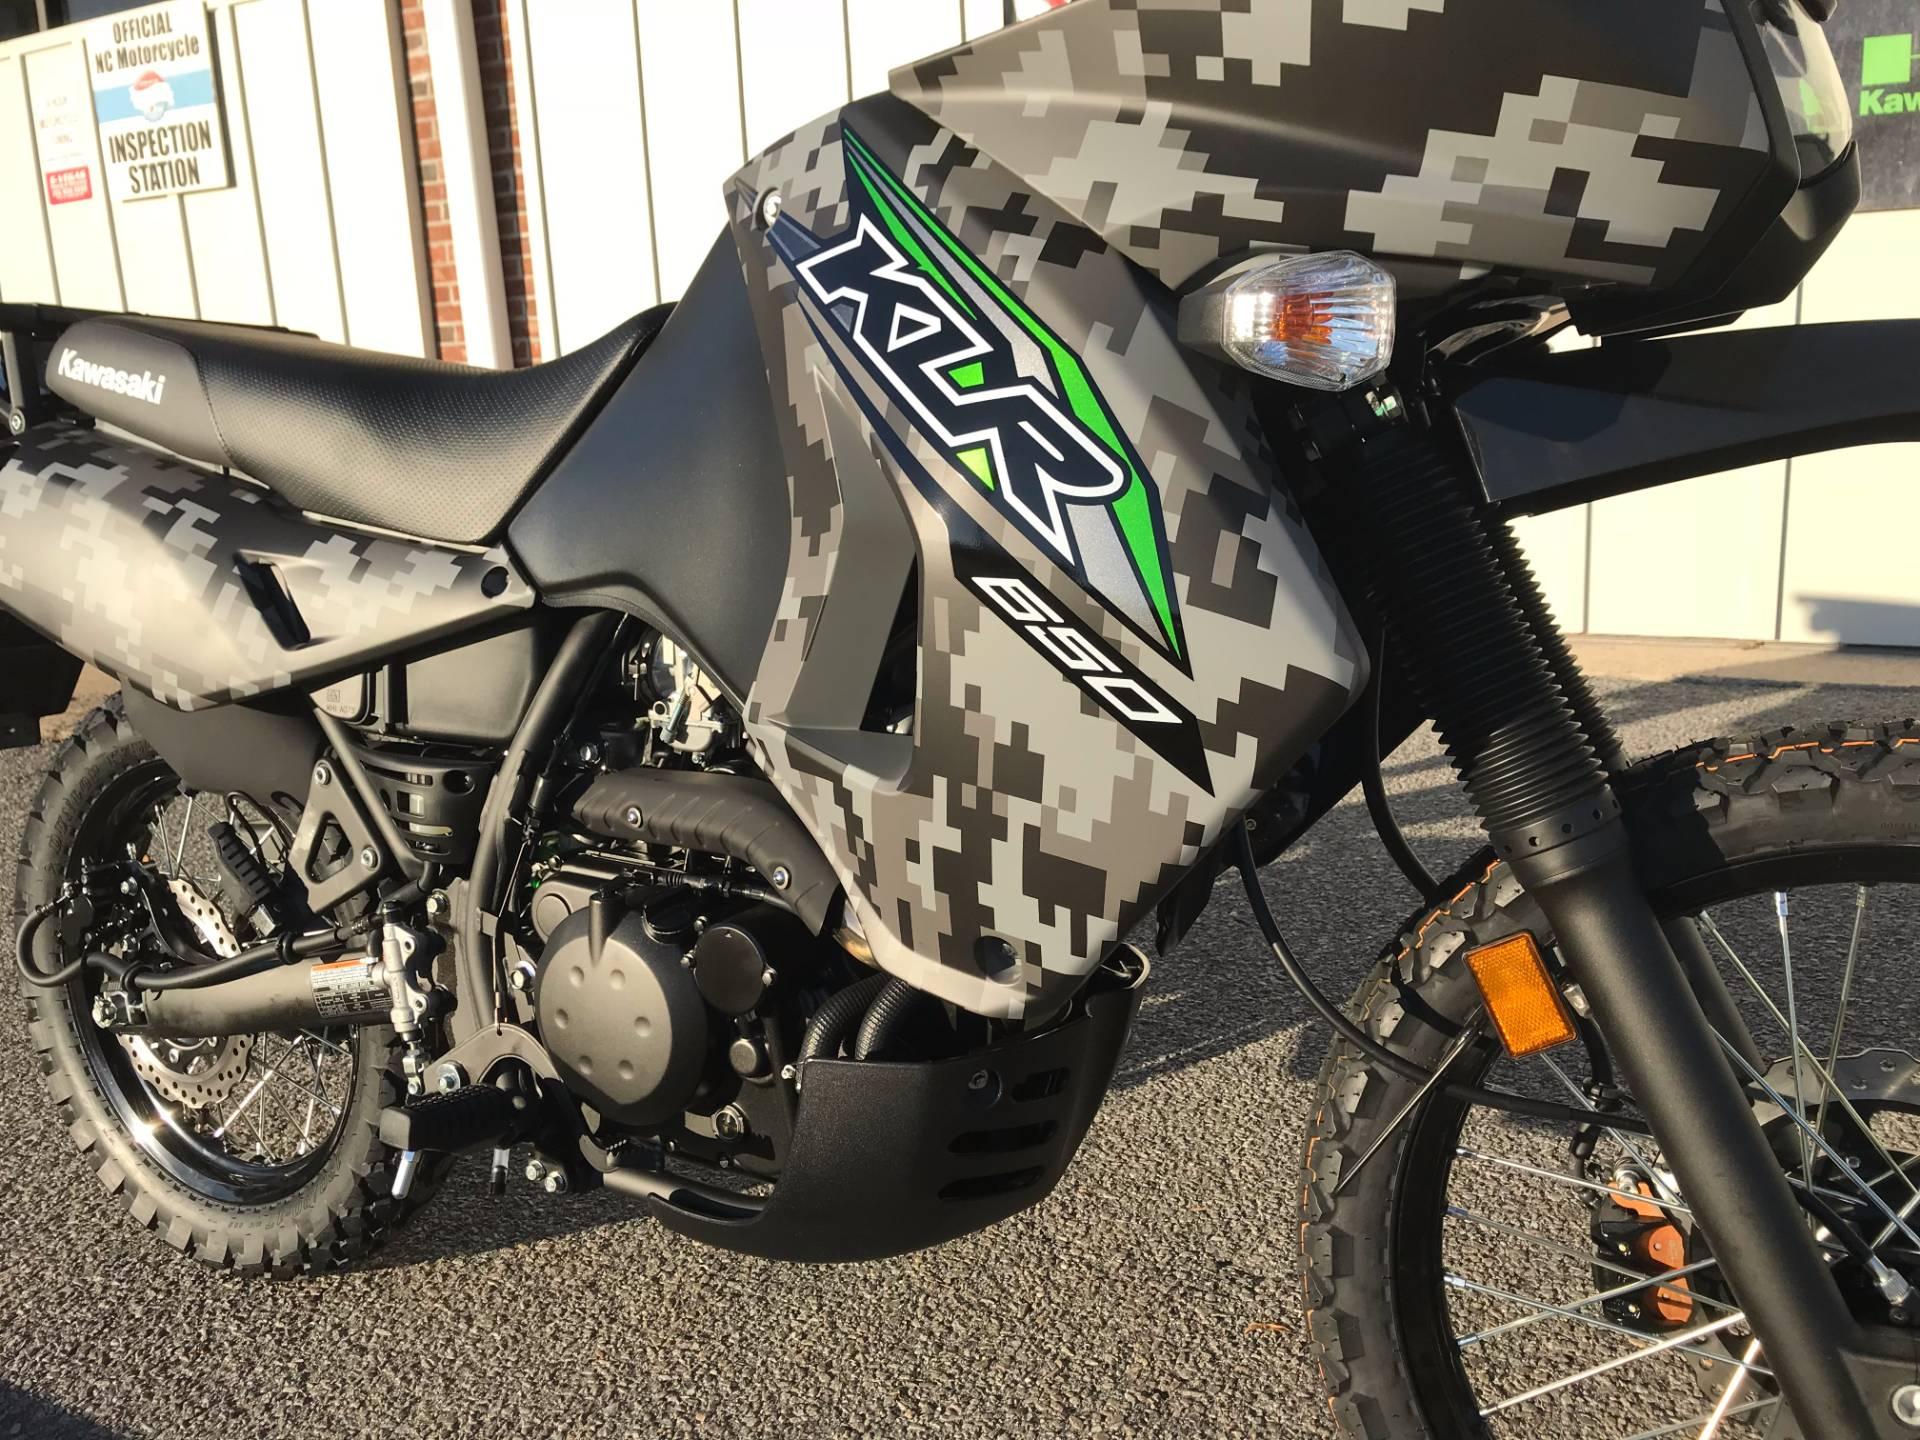 New 2018 Kawasaki KLR 650 Camo Motorcycles in Greenville, NC | Stock ...